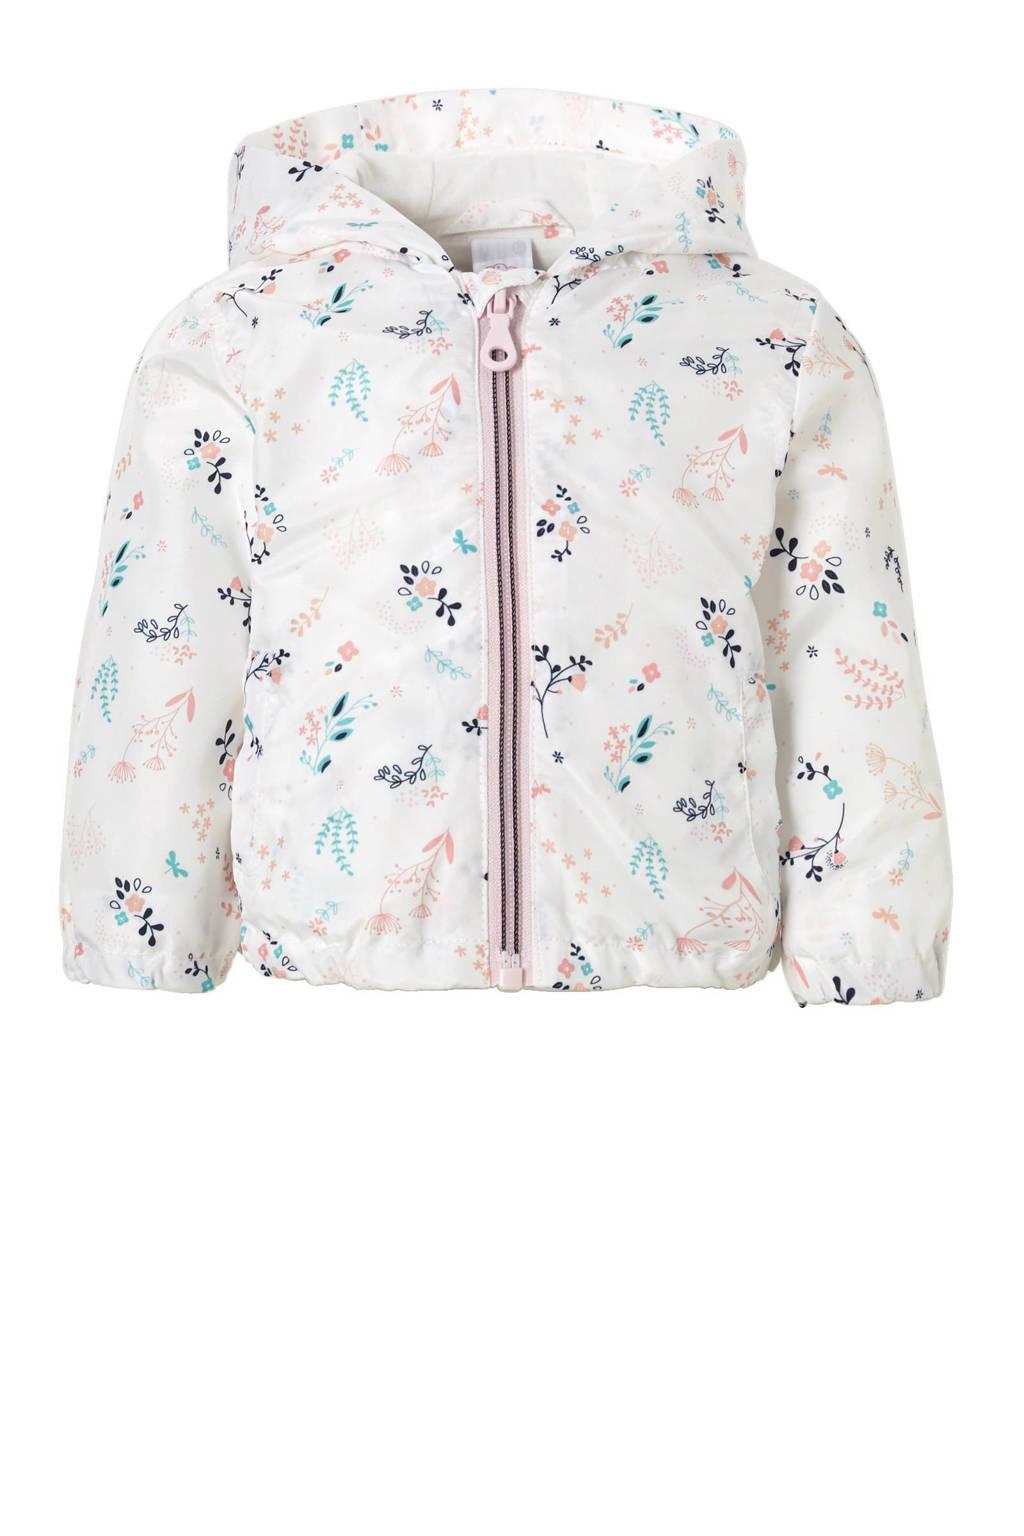 C&A Baby Club zomerjas met all over print, Wit/mintgroen/lichtroze